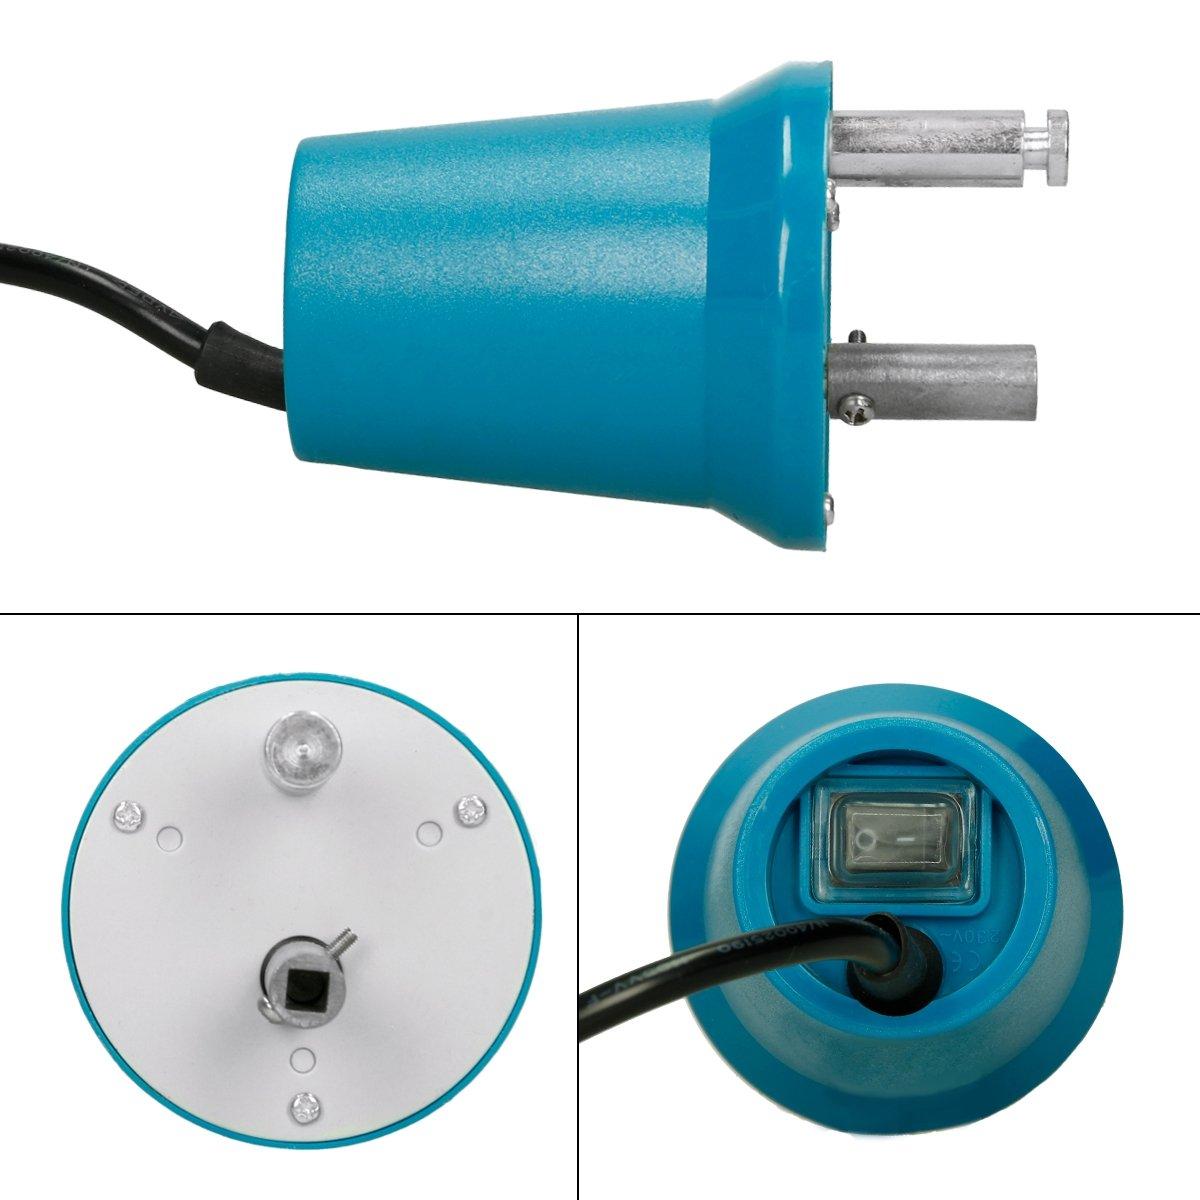 ECD Germany Motor eléctrico para Barbacoa 4W 220-240V 2-2.4 r/min Motor para Pinchos de asador giratorios + Pinchos giratorios Set de 2 Piezas: Amazon.es: ...